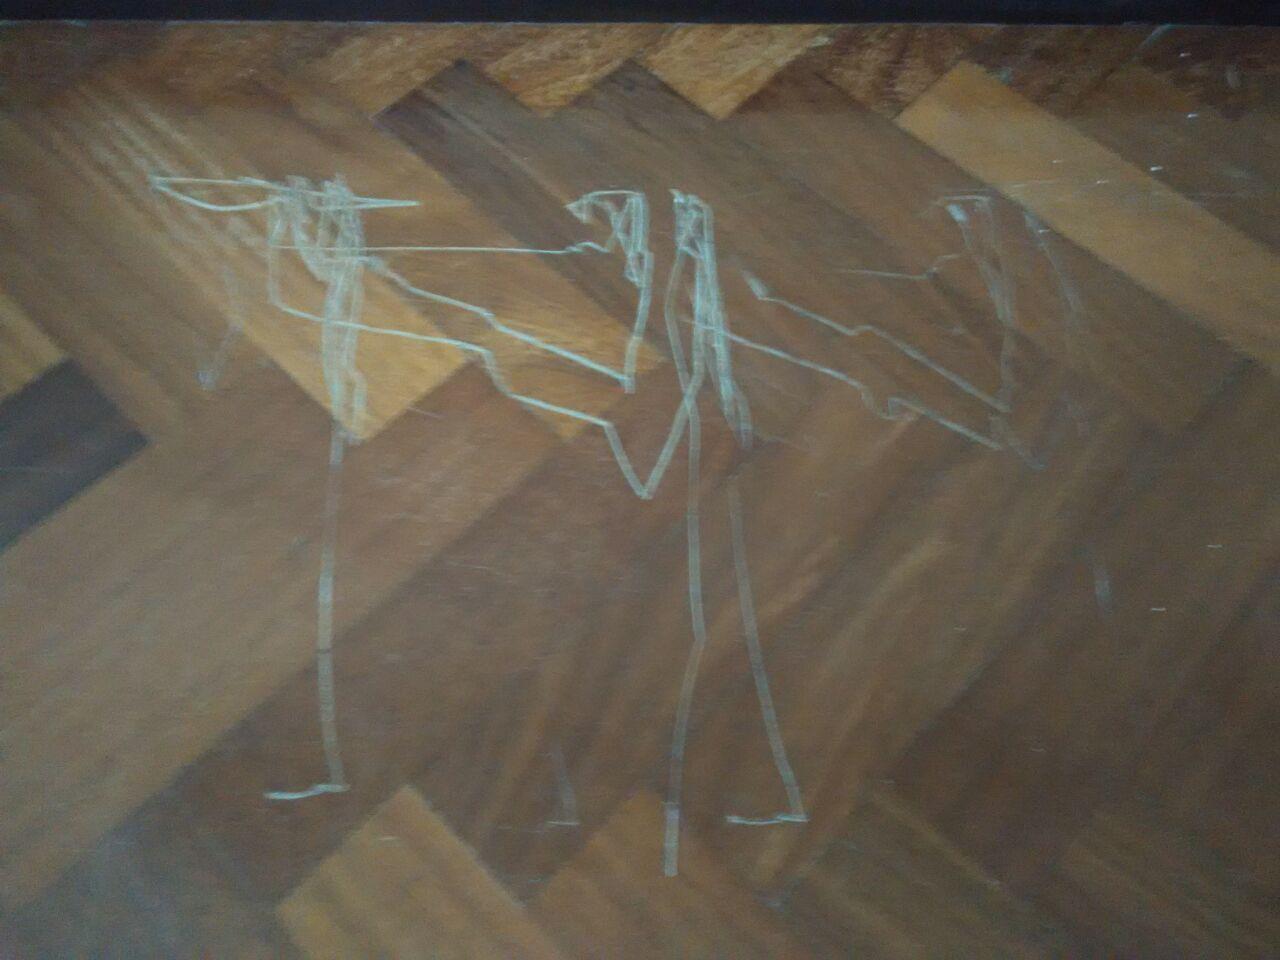 Como arreglar el parquet como arreglar el parquet with - Como reparar piso de parquet rayado ...